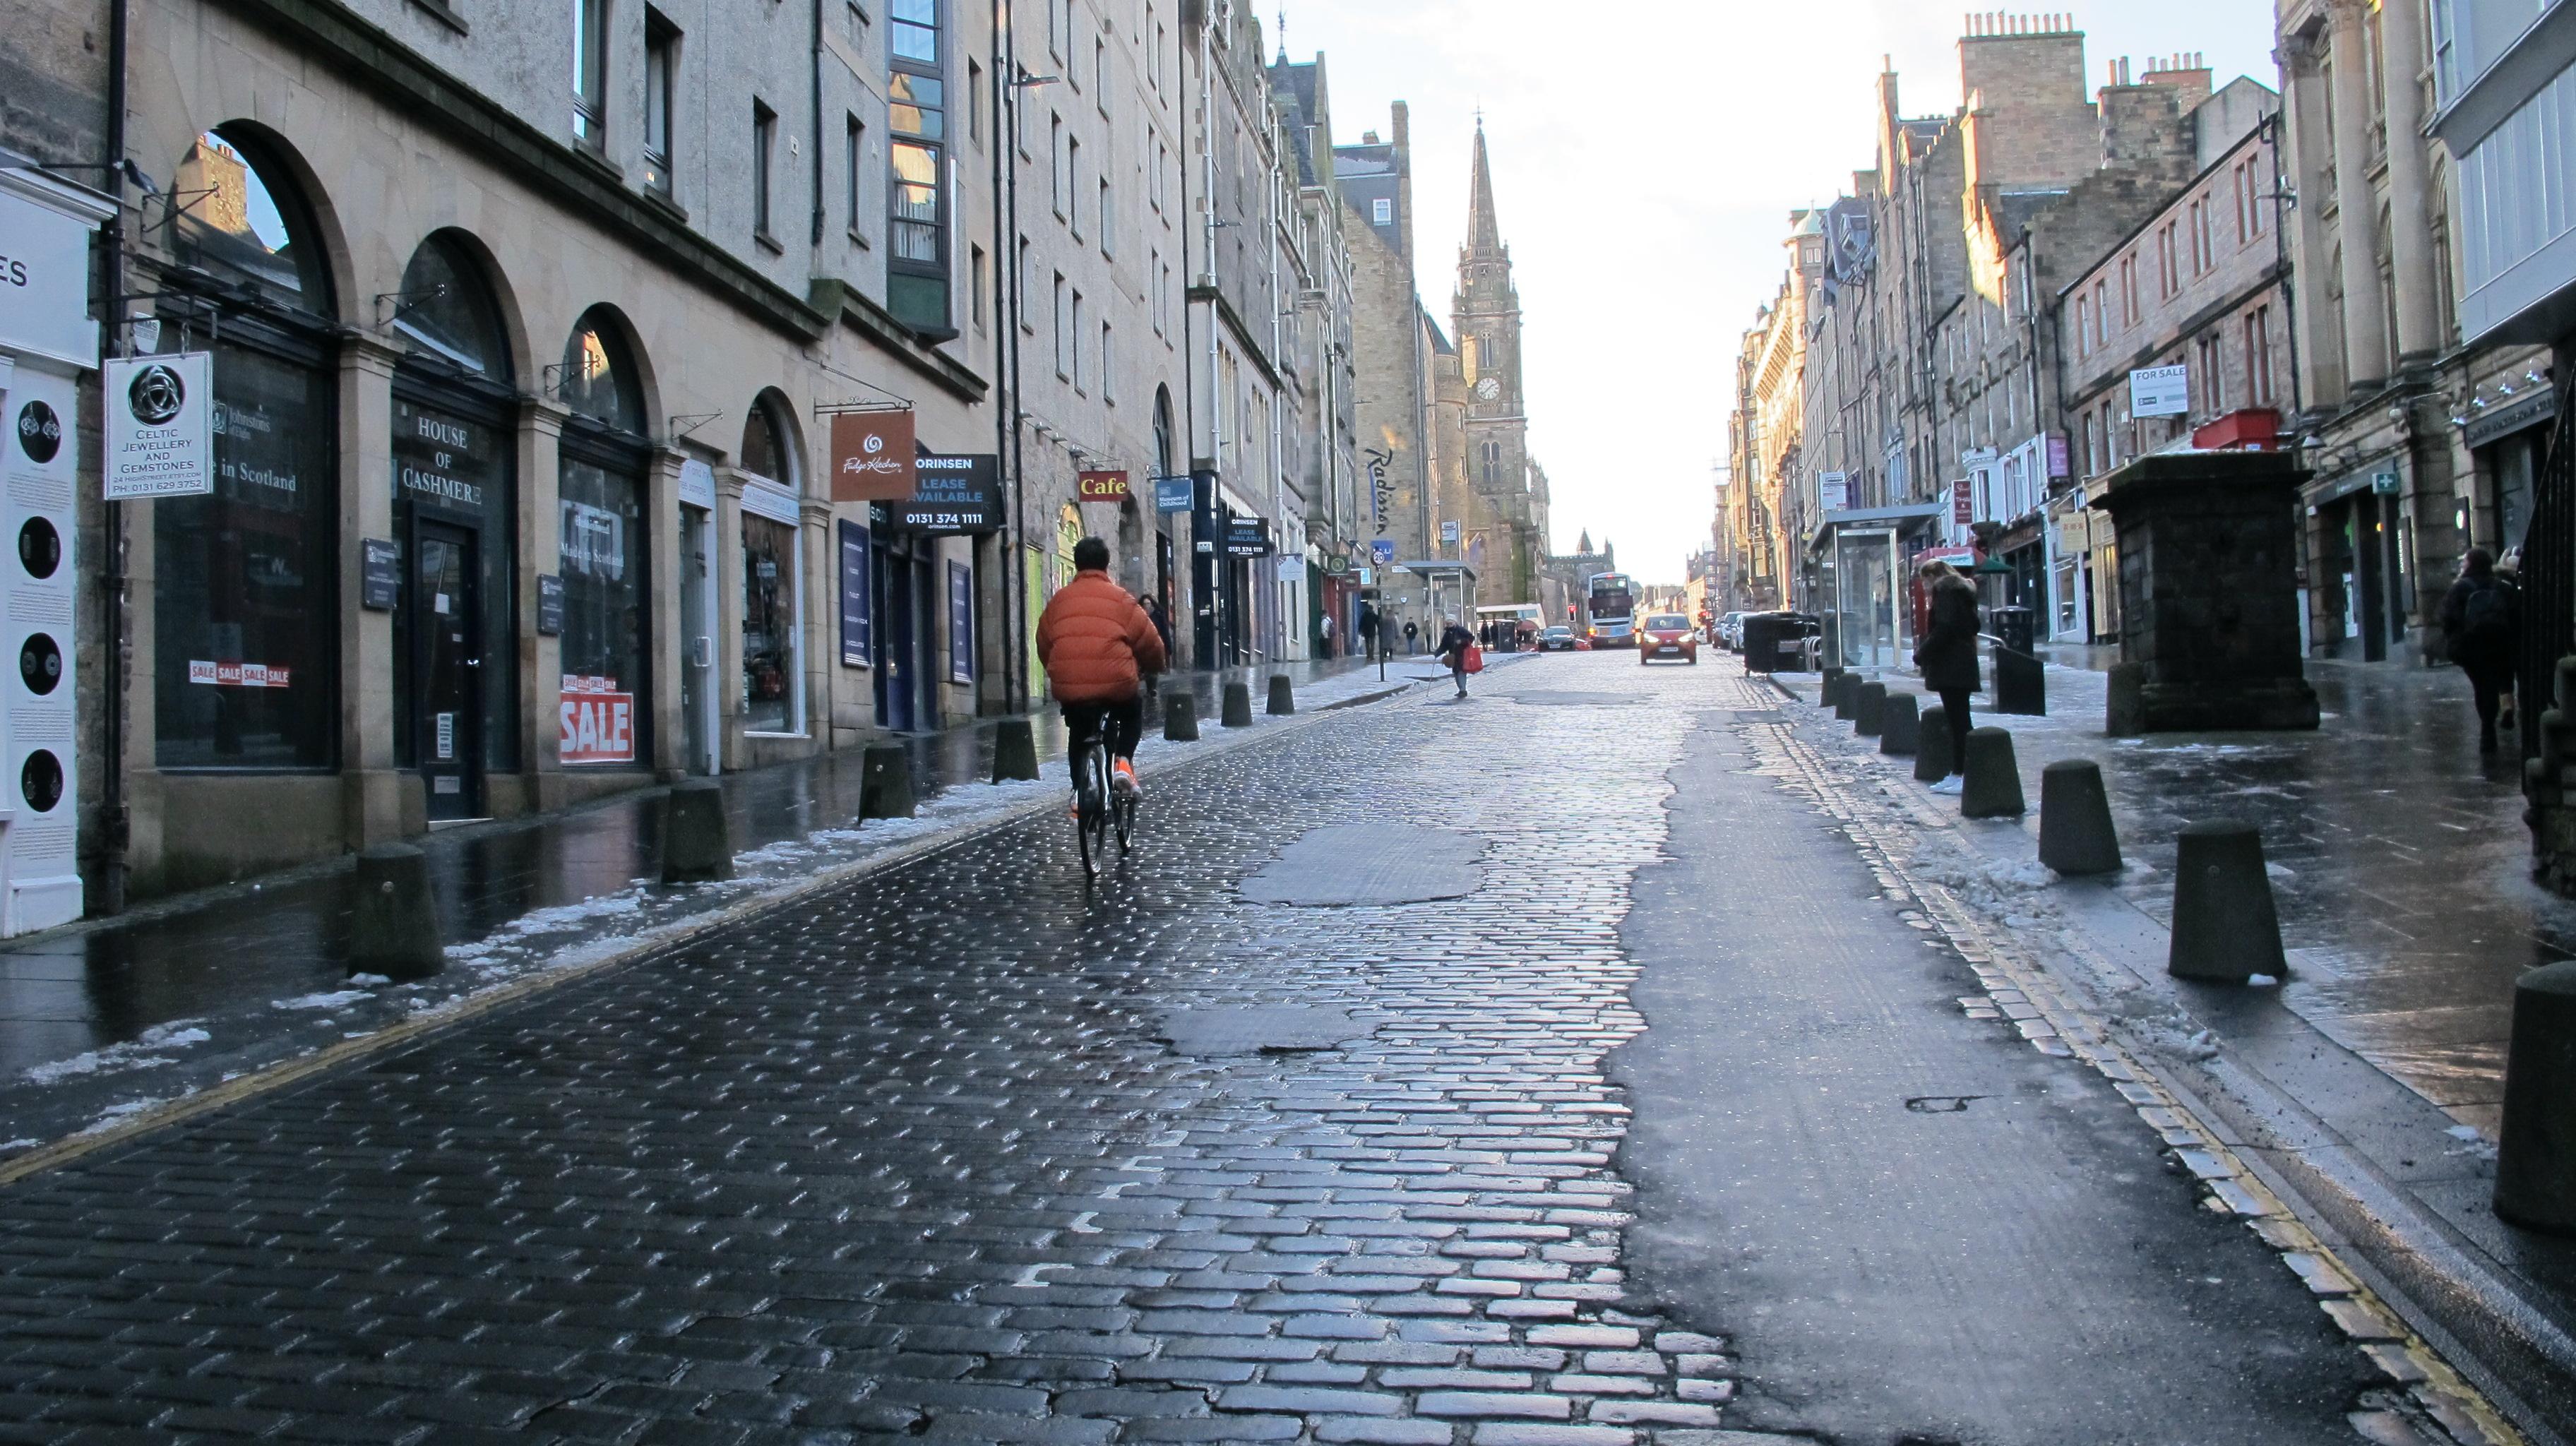 The cost of Edinburgh's pothole damage